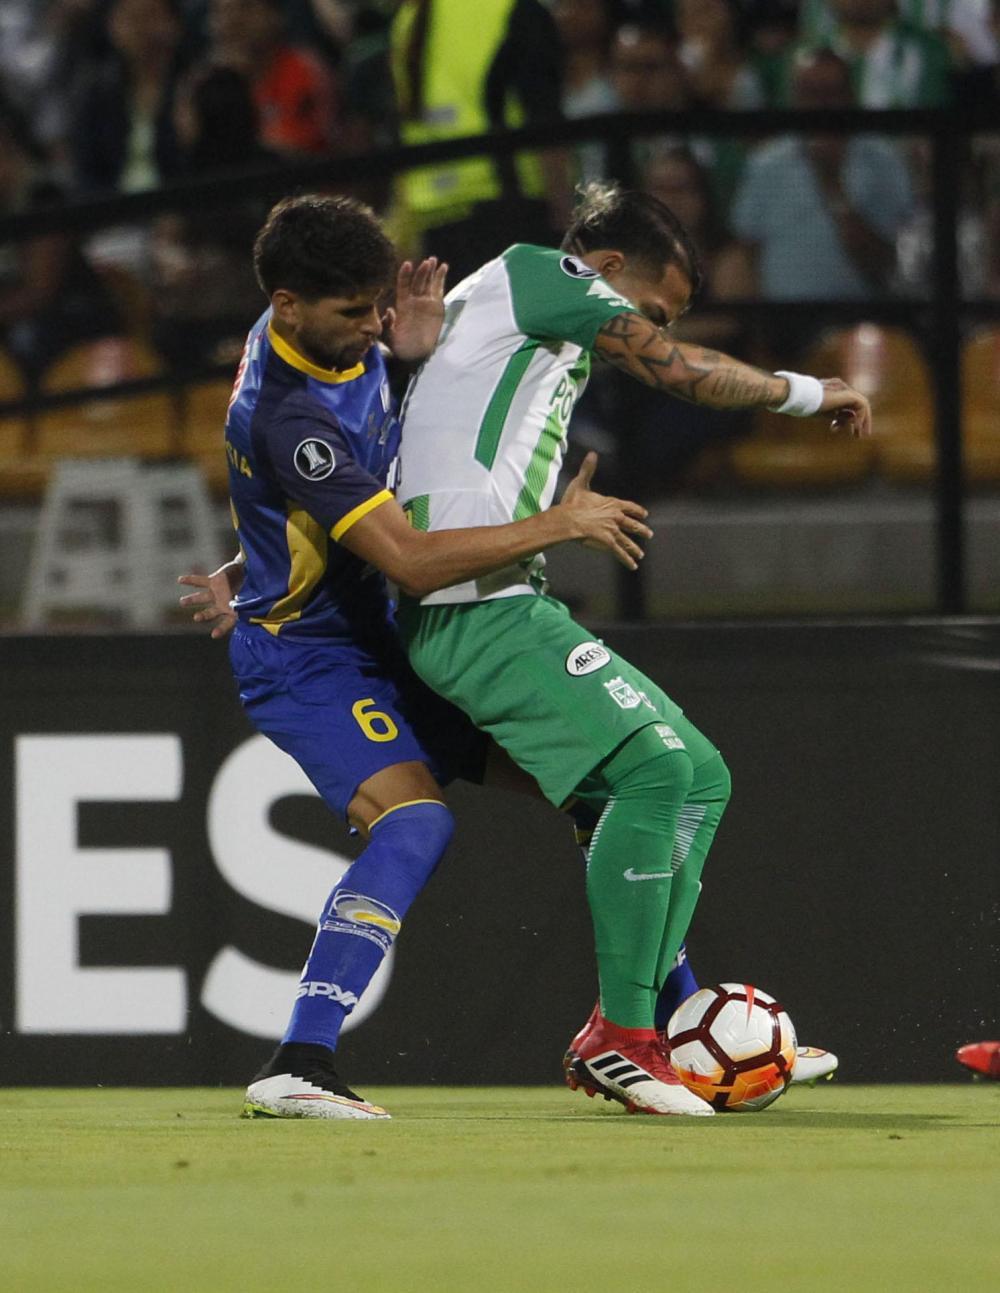 Delfín SC no pudo con Atlético Nacional y cayó por 4-0 en el estadio Atanasio Girardot, de Medellín.